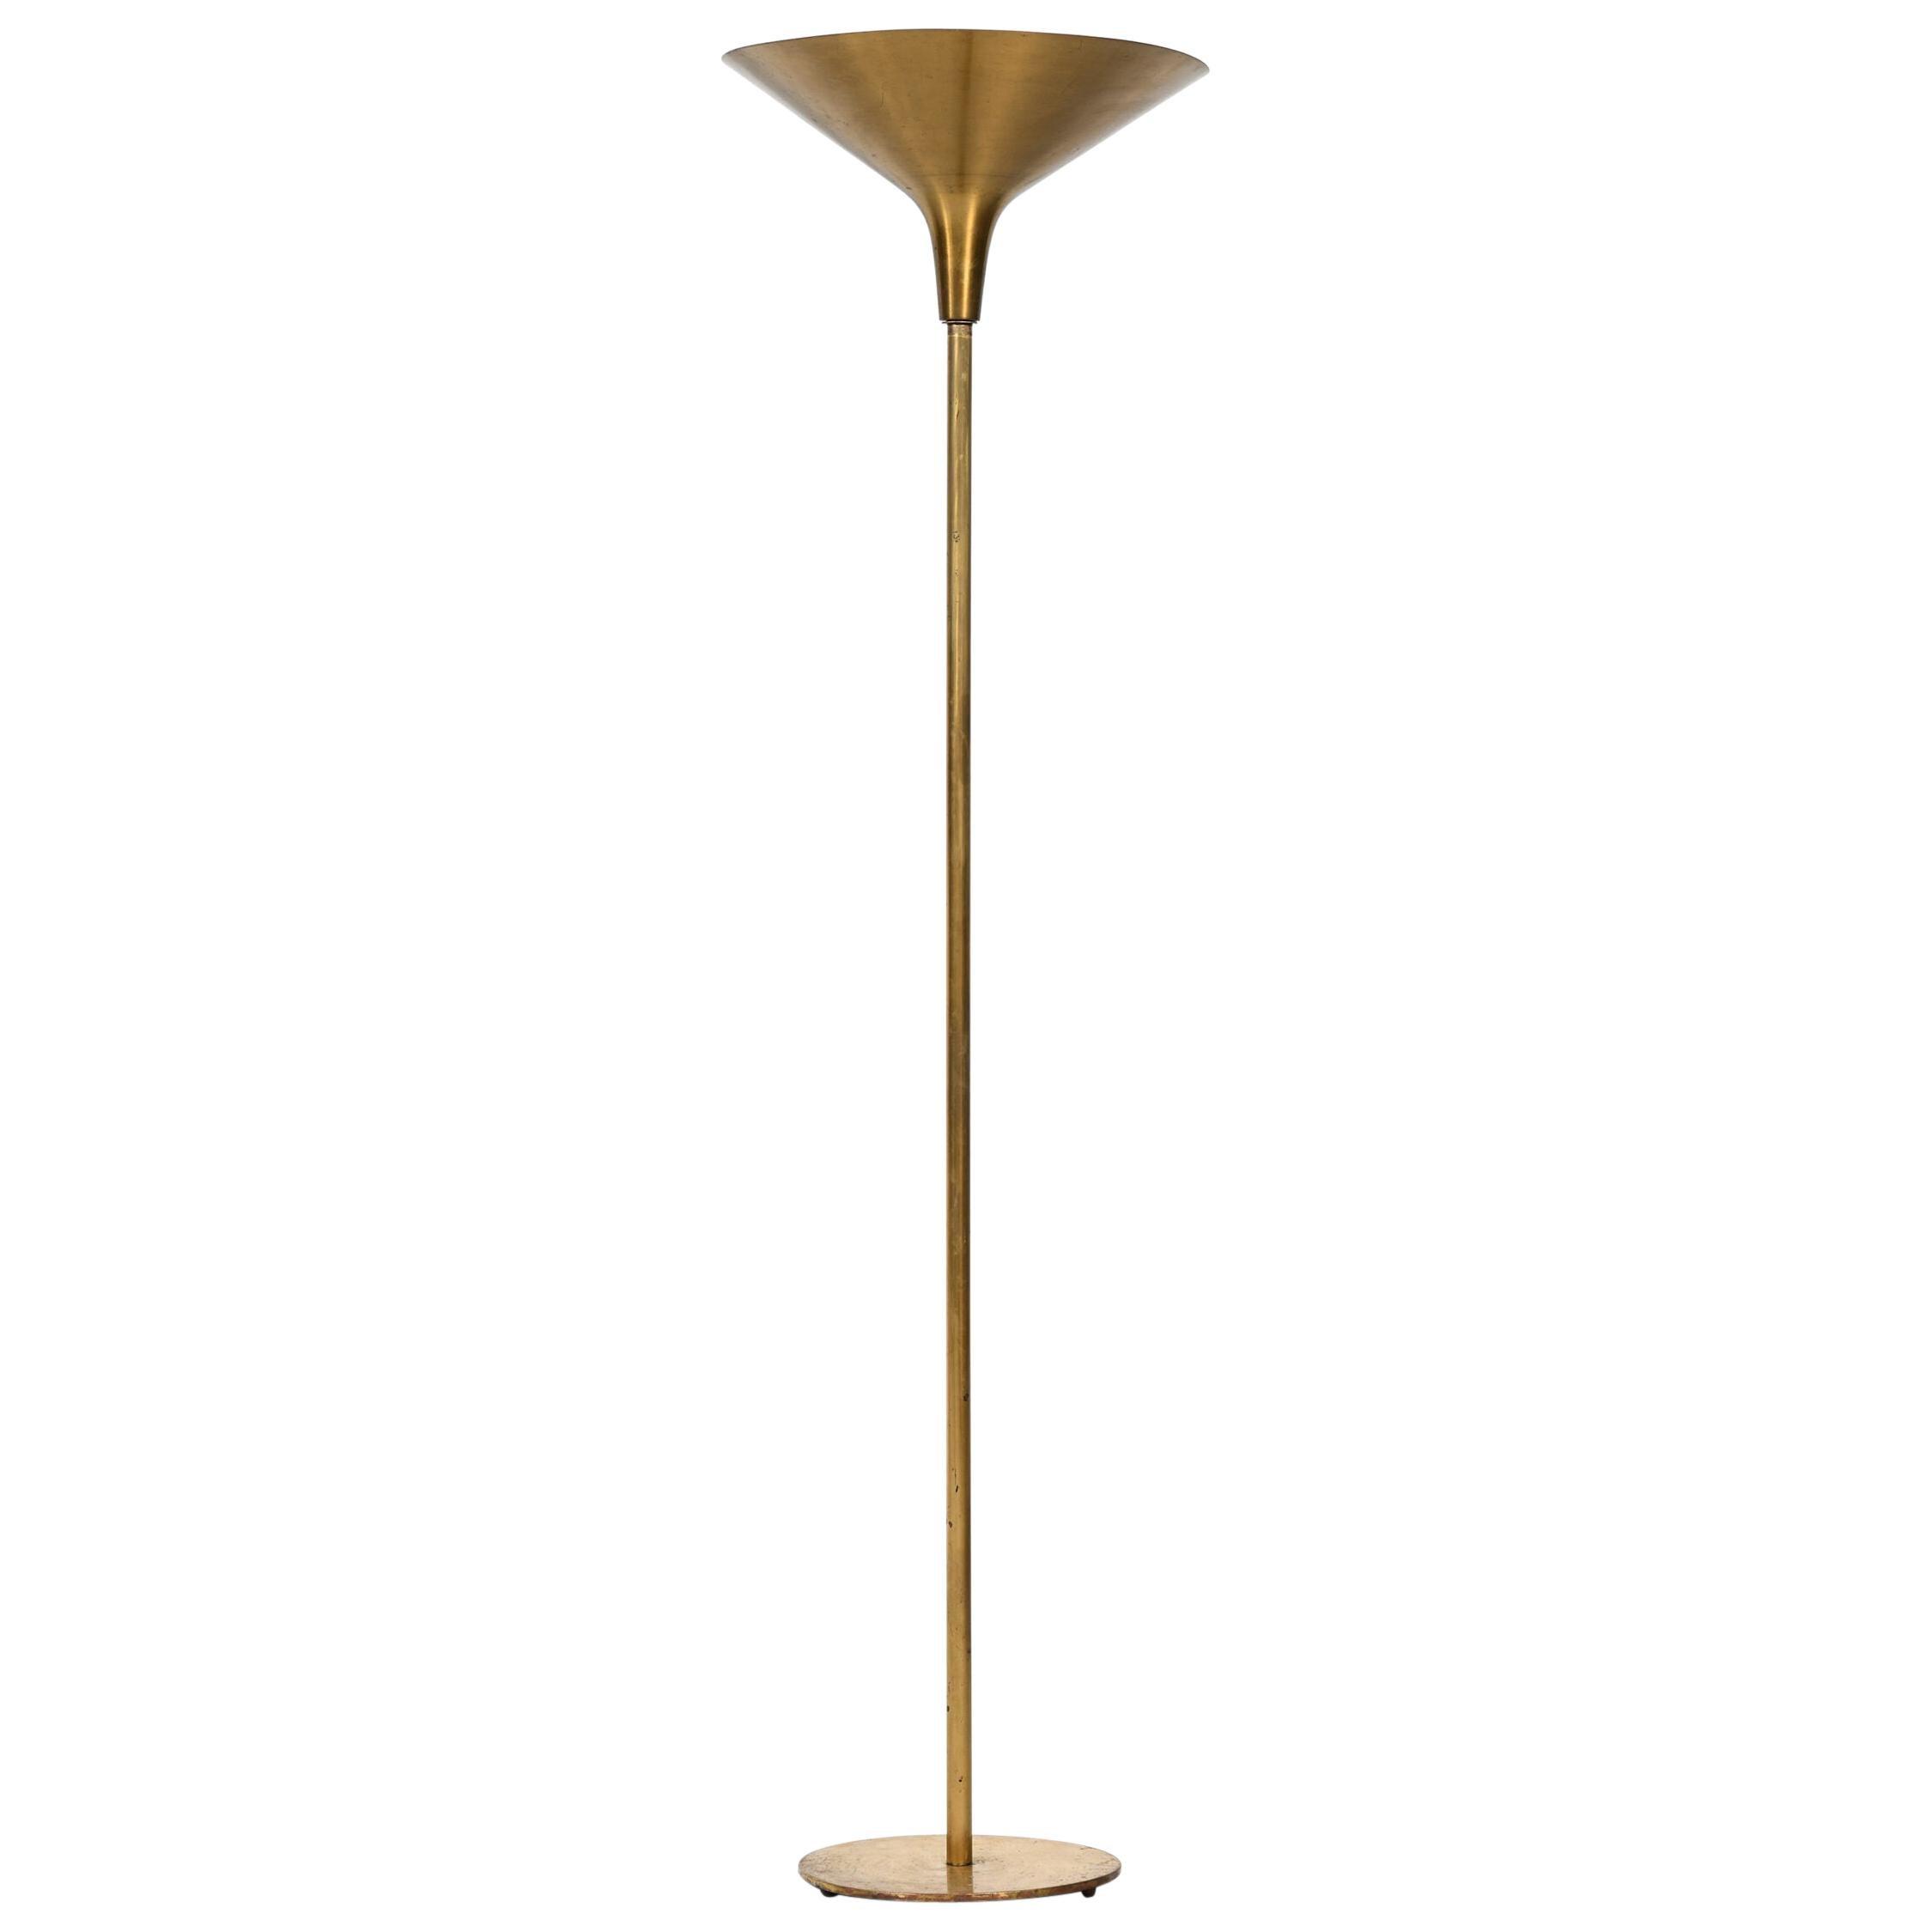 Floor Lamp / Uplight Produced in Denmark